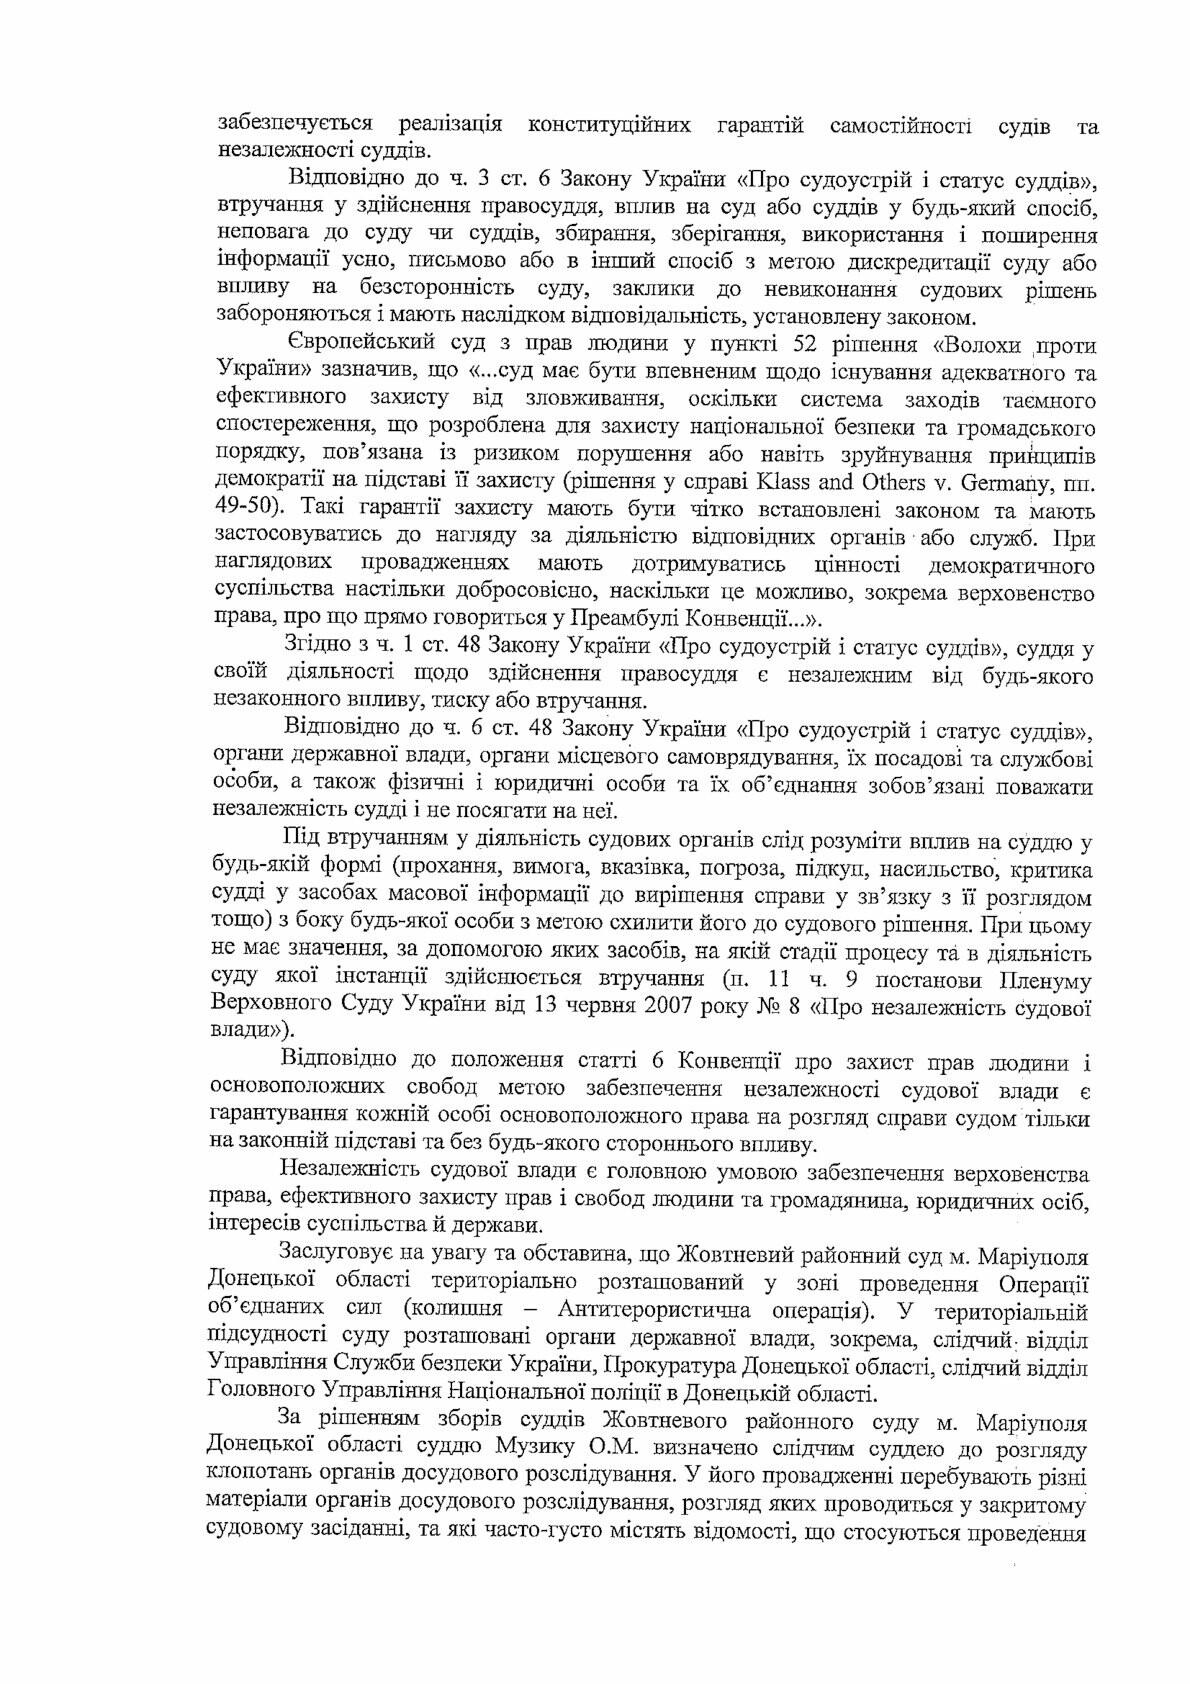 В Жовтневом суде Мариуполя обнаружили шпионскую аппаратуру, - Документ, фото-3